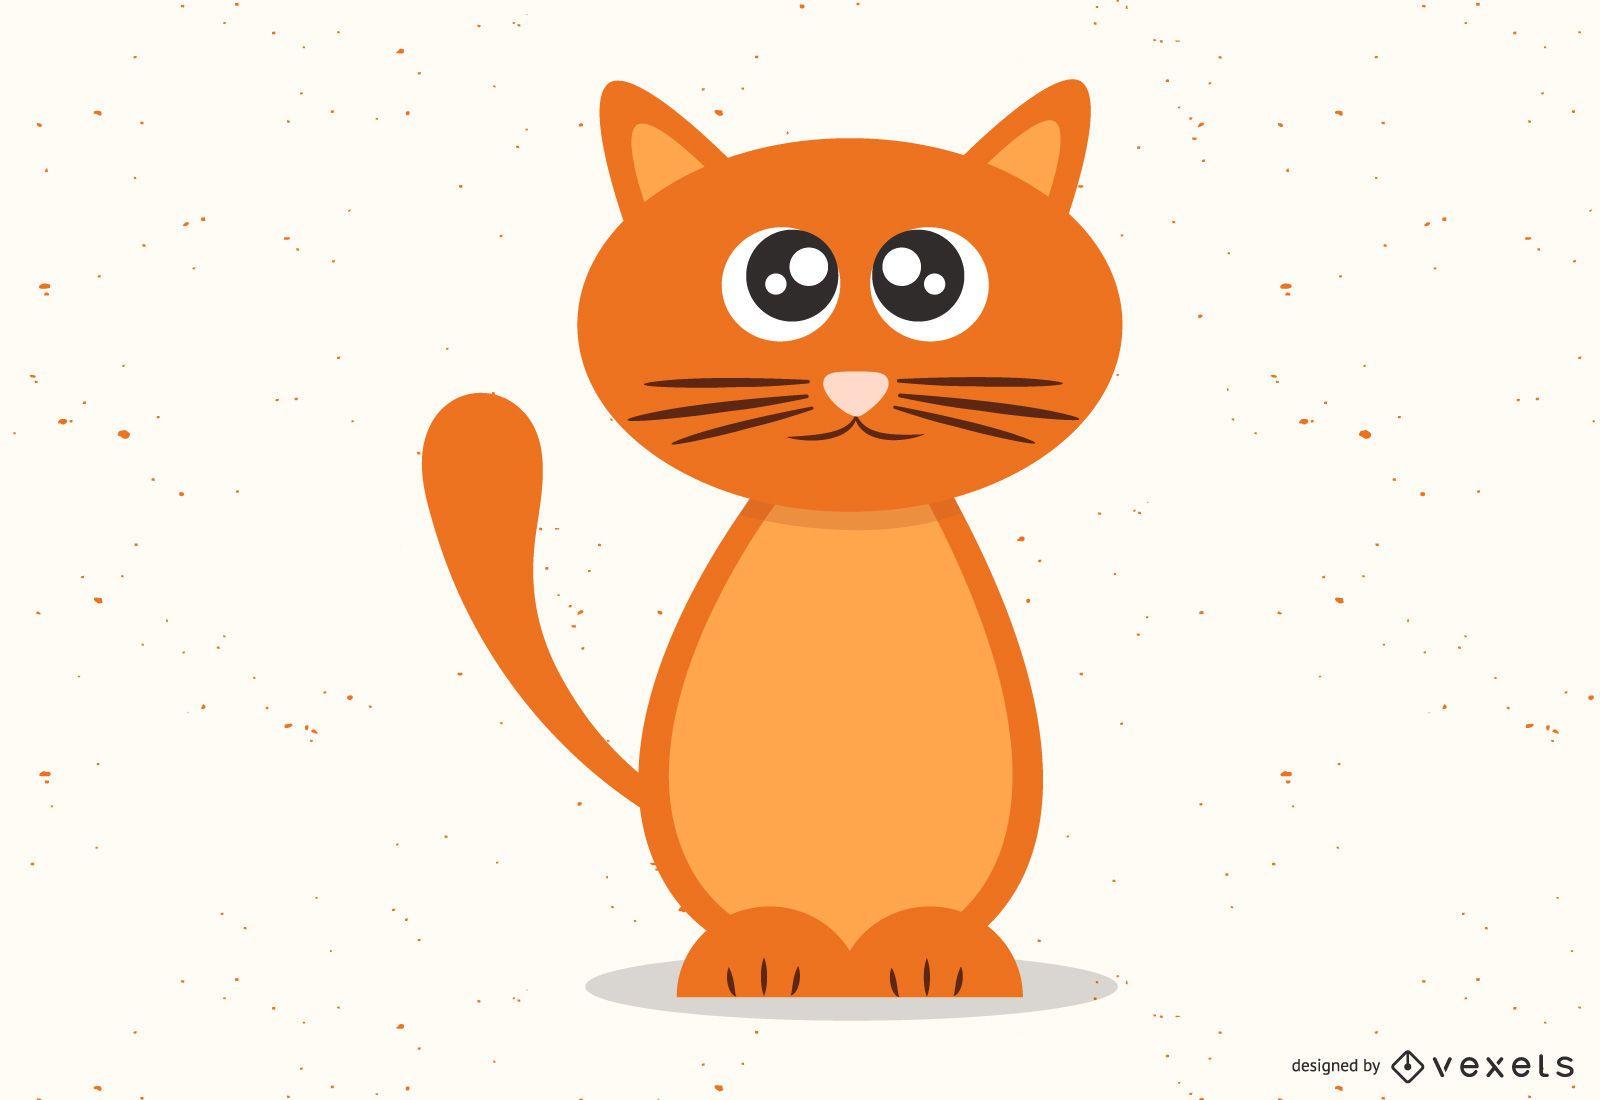 cute orange kitten illustration